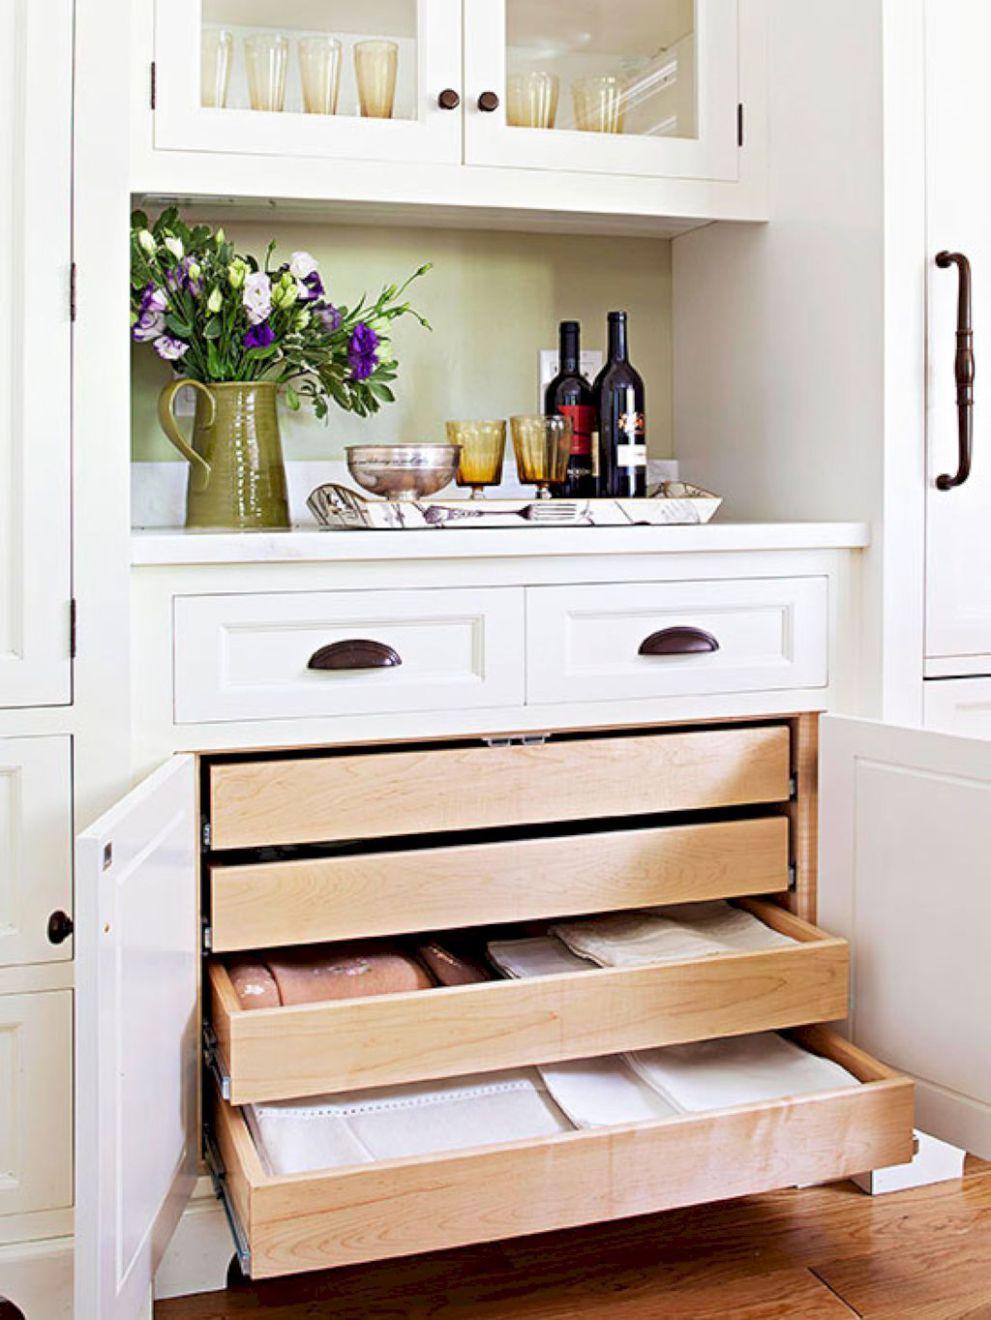 57 Smart Kitchen Cabinet Organization Ideas 57